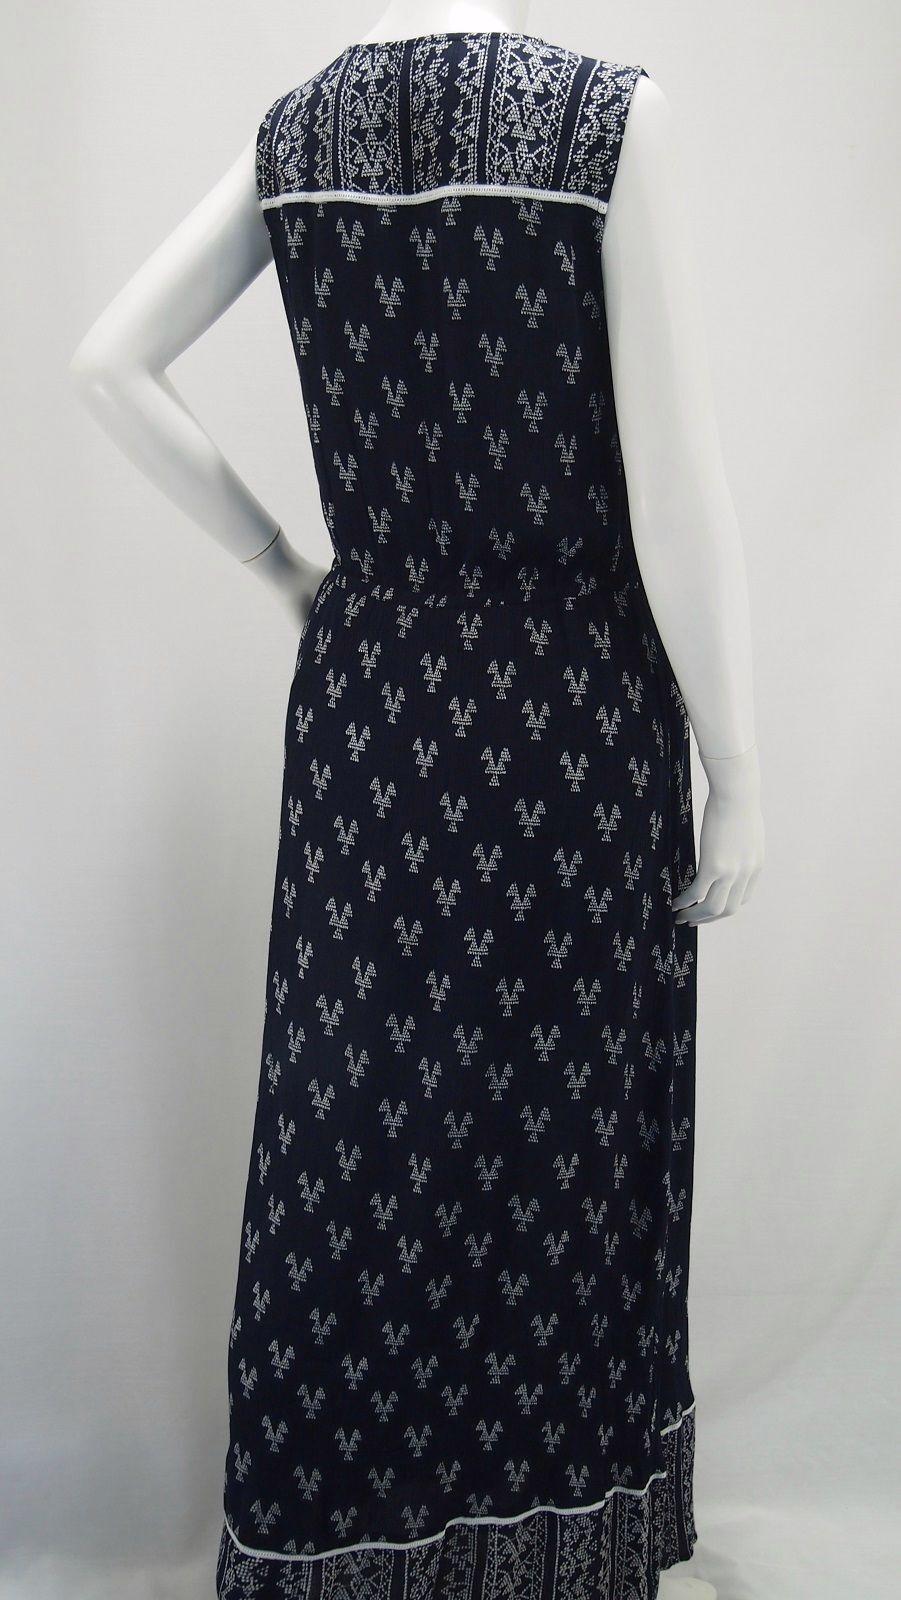 Tolles langes Kleid     Maxikleid von Cecil Gr. 36 Blümchen TOP wie neu | Kaufen  | Verschiedene Arten Und Die Styles  | Clearance Sale  825fa9